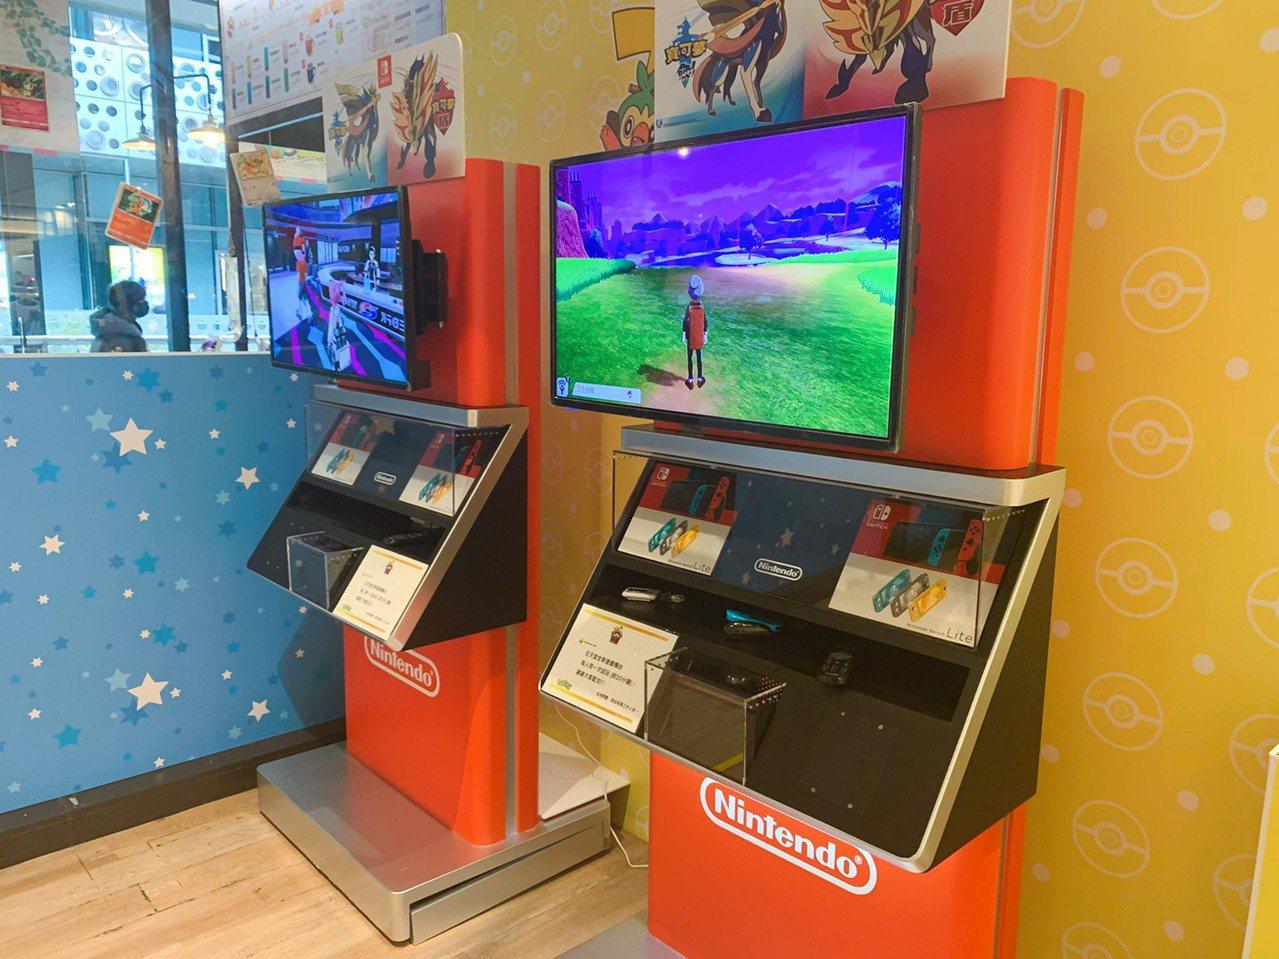 店內提供 switch 遊戲機供粉絲試玩。記者徐力剛/攝影